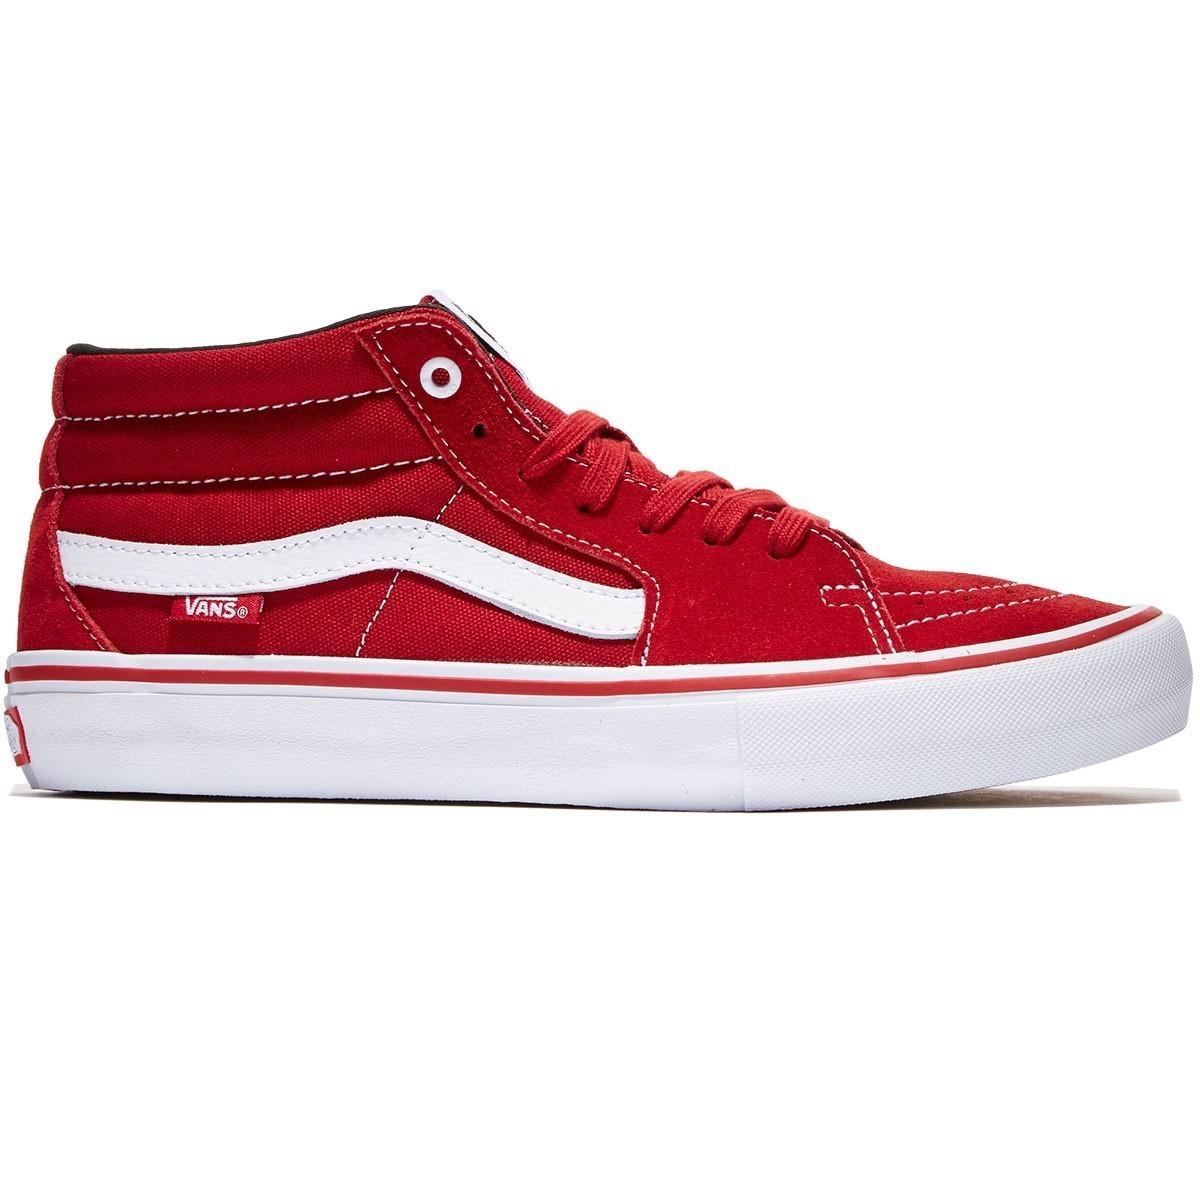 Vans Skate Mid Pro Shoe Skarlet/White